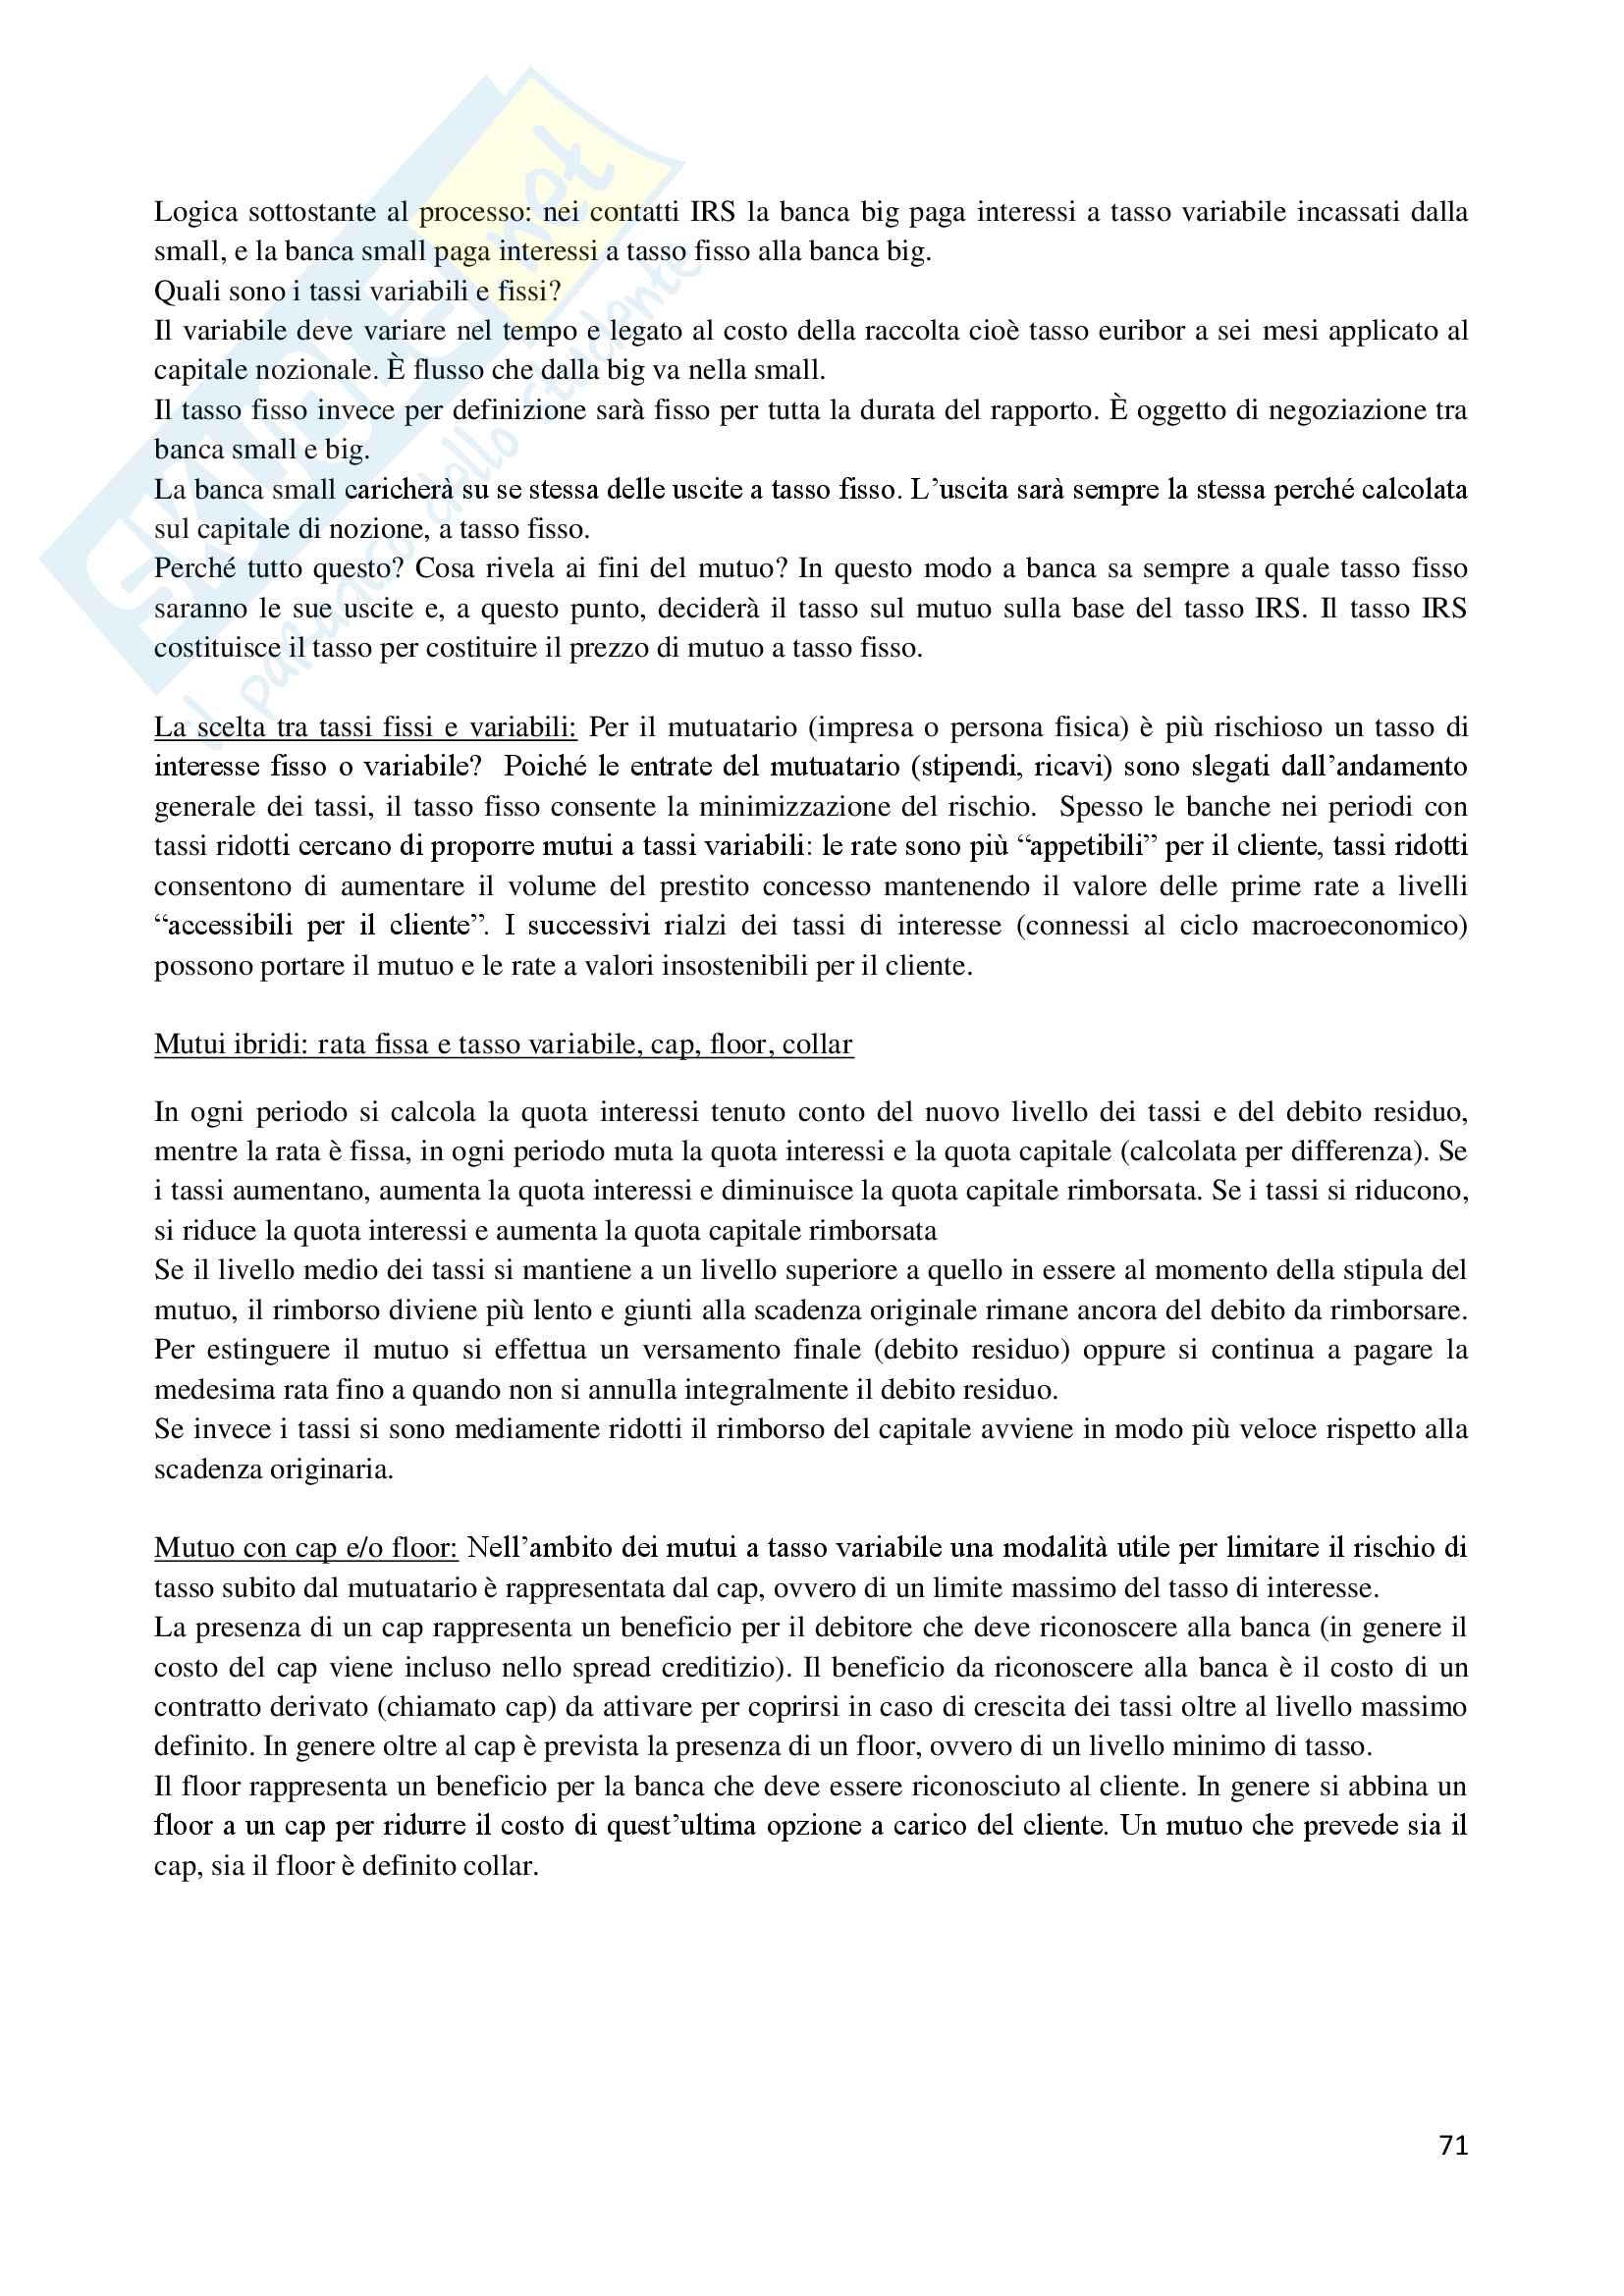 Economia degli intermediari finanziari Pag. 71